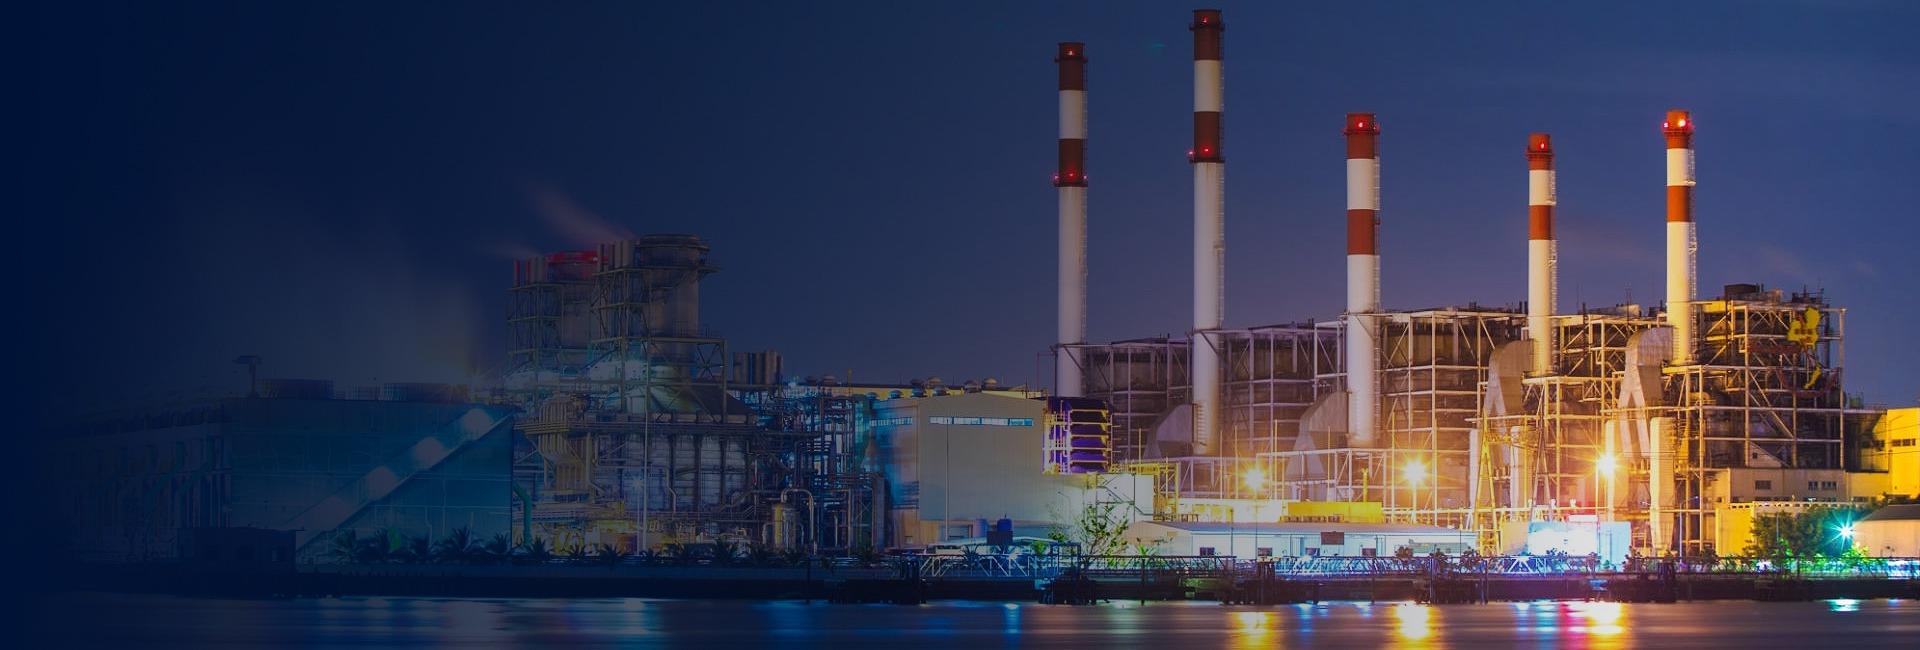 Industrie in der Nacht - Nitz Oil